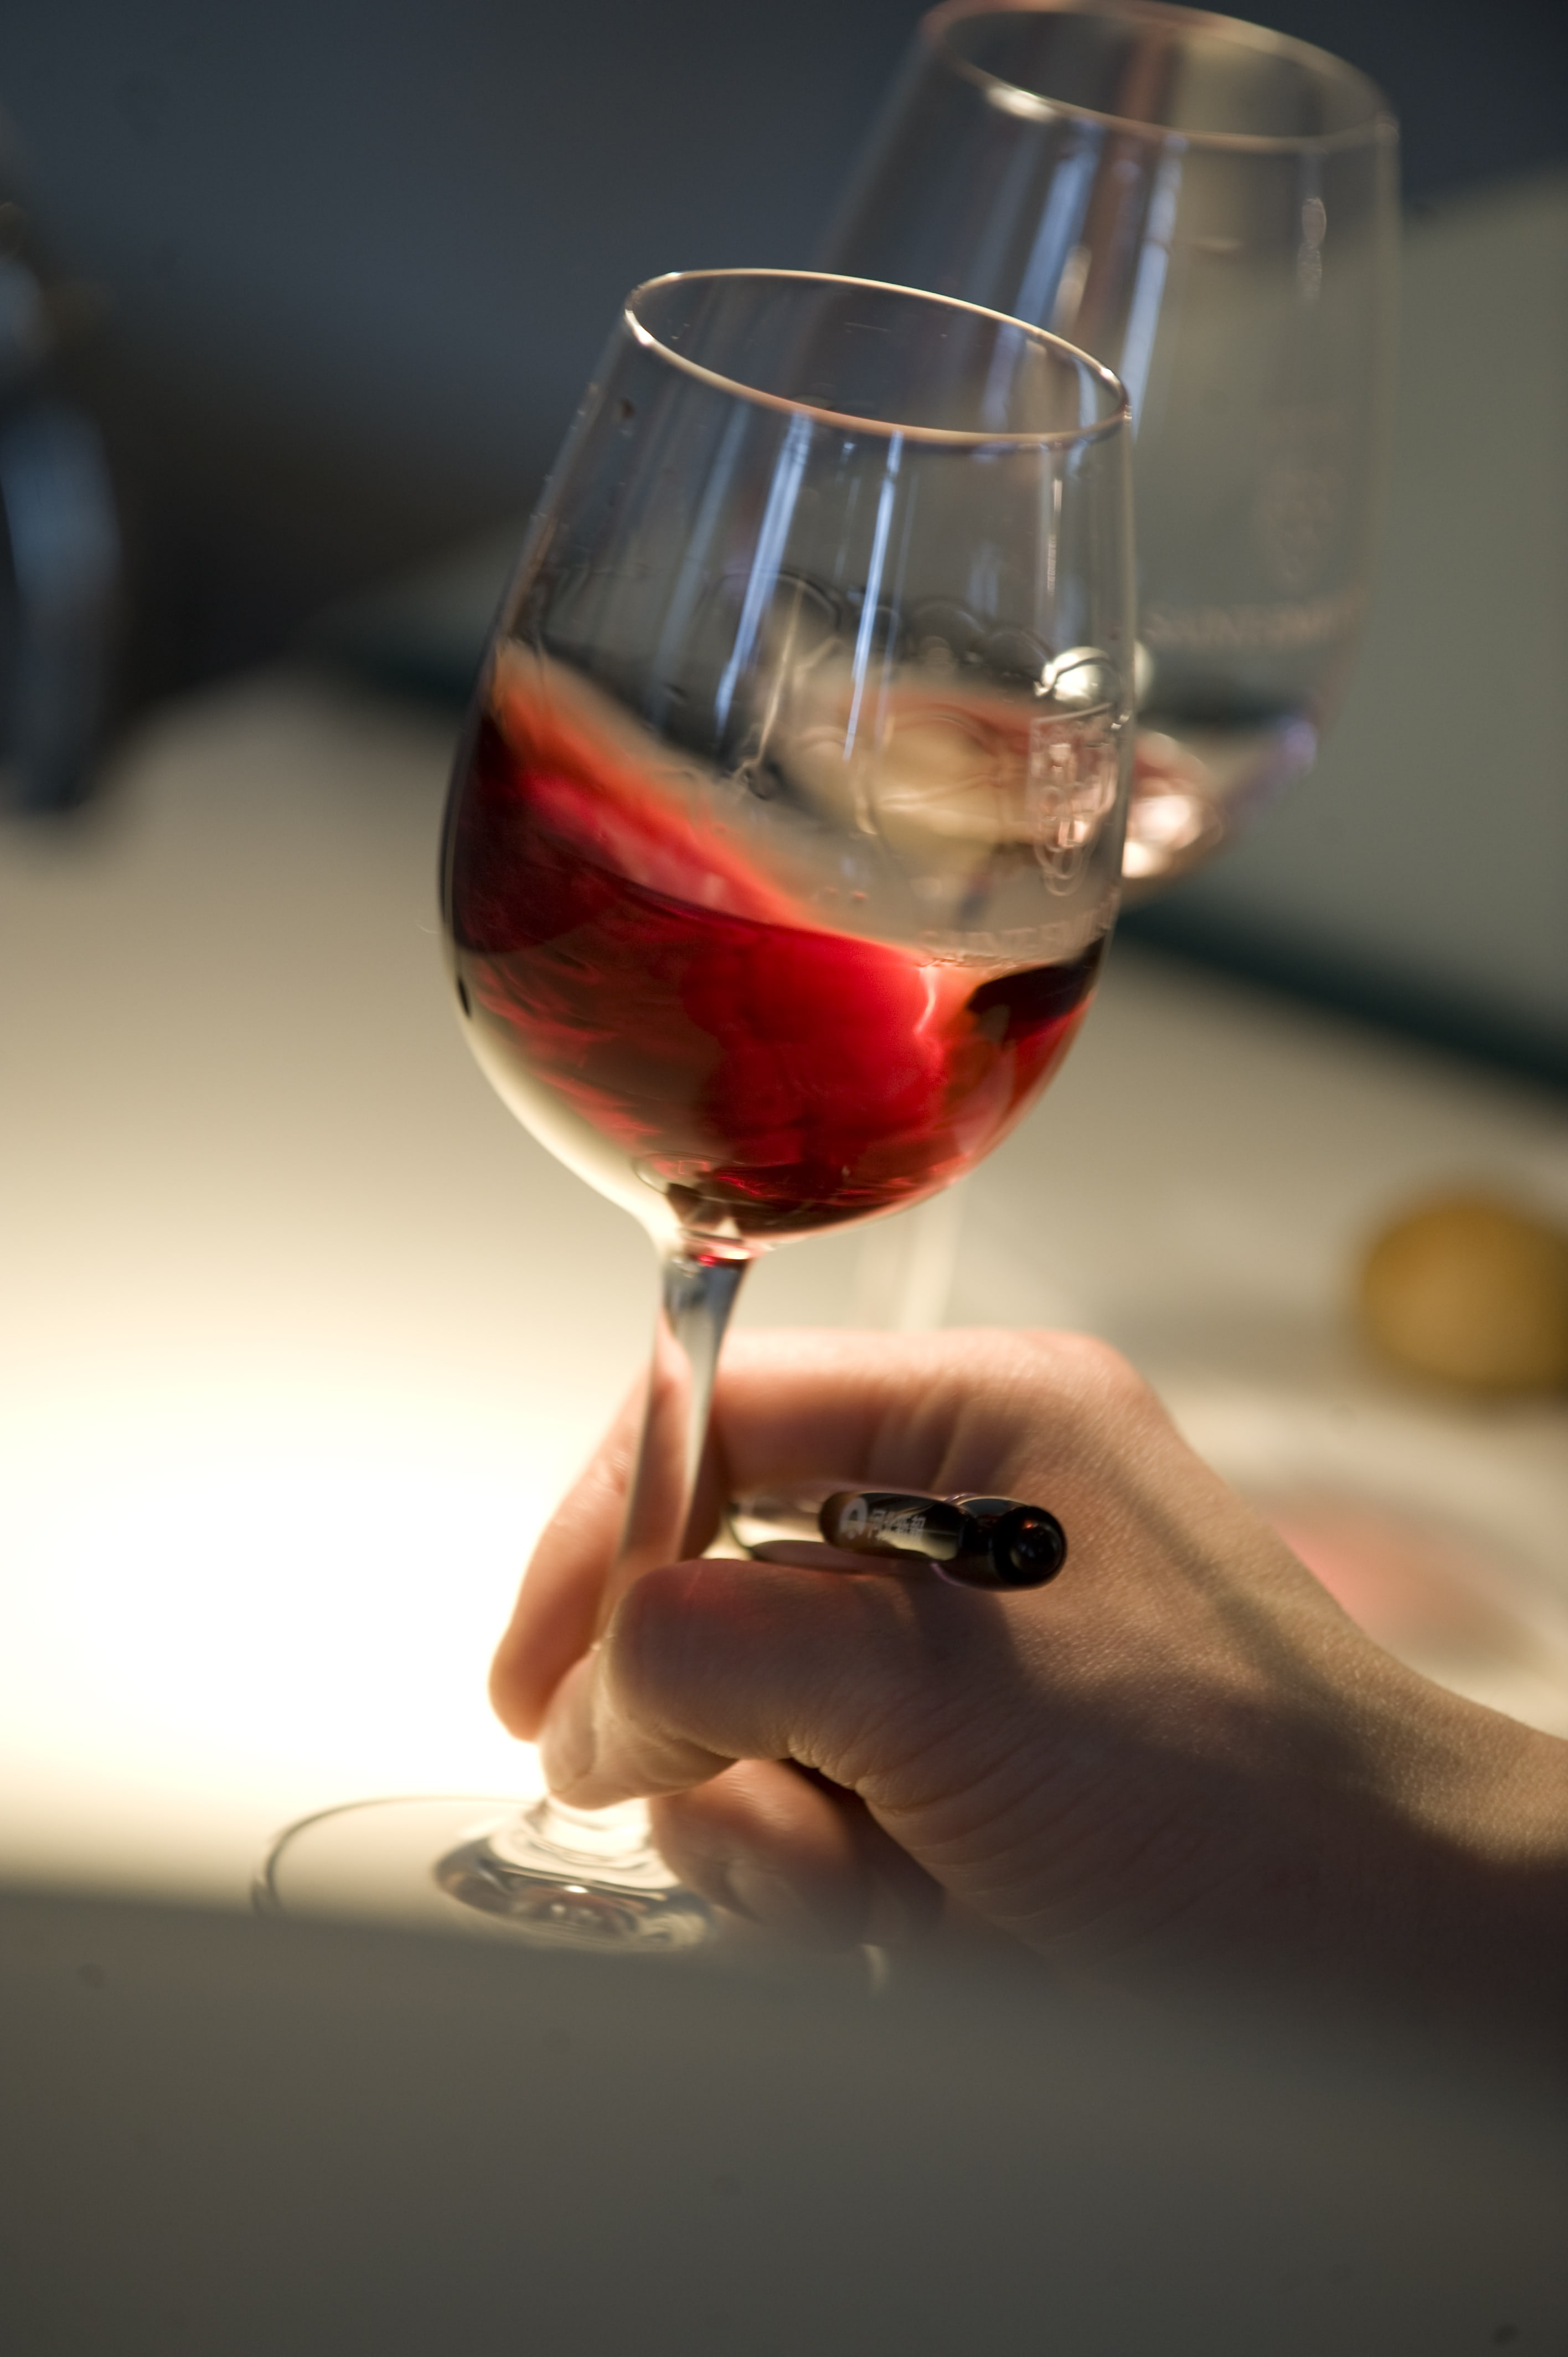 Serving wine - Saint-Émilion wine